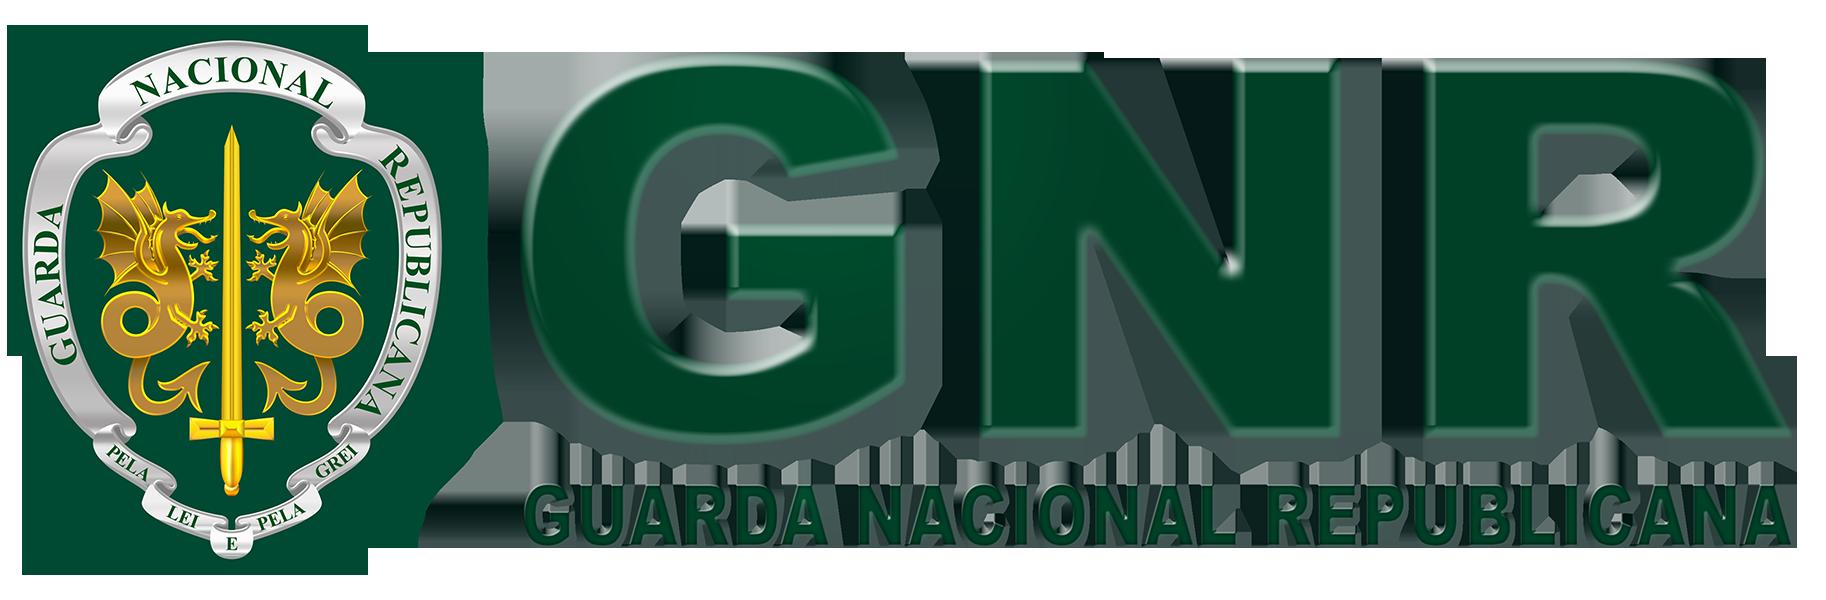 El humilde tópic de la música portuguesa - Página 2 Logotipo-Guardia-Nacional-Republicana-de-Portugal